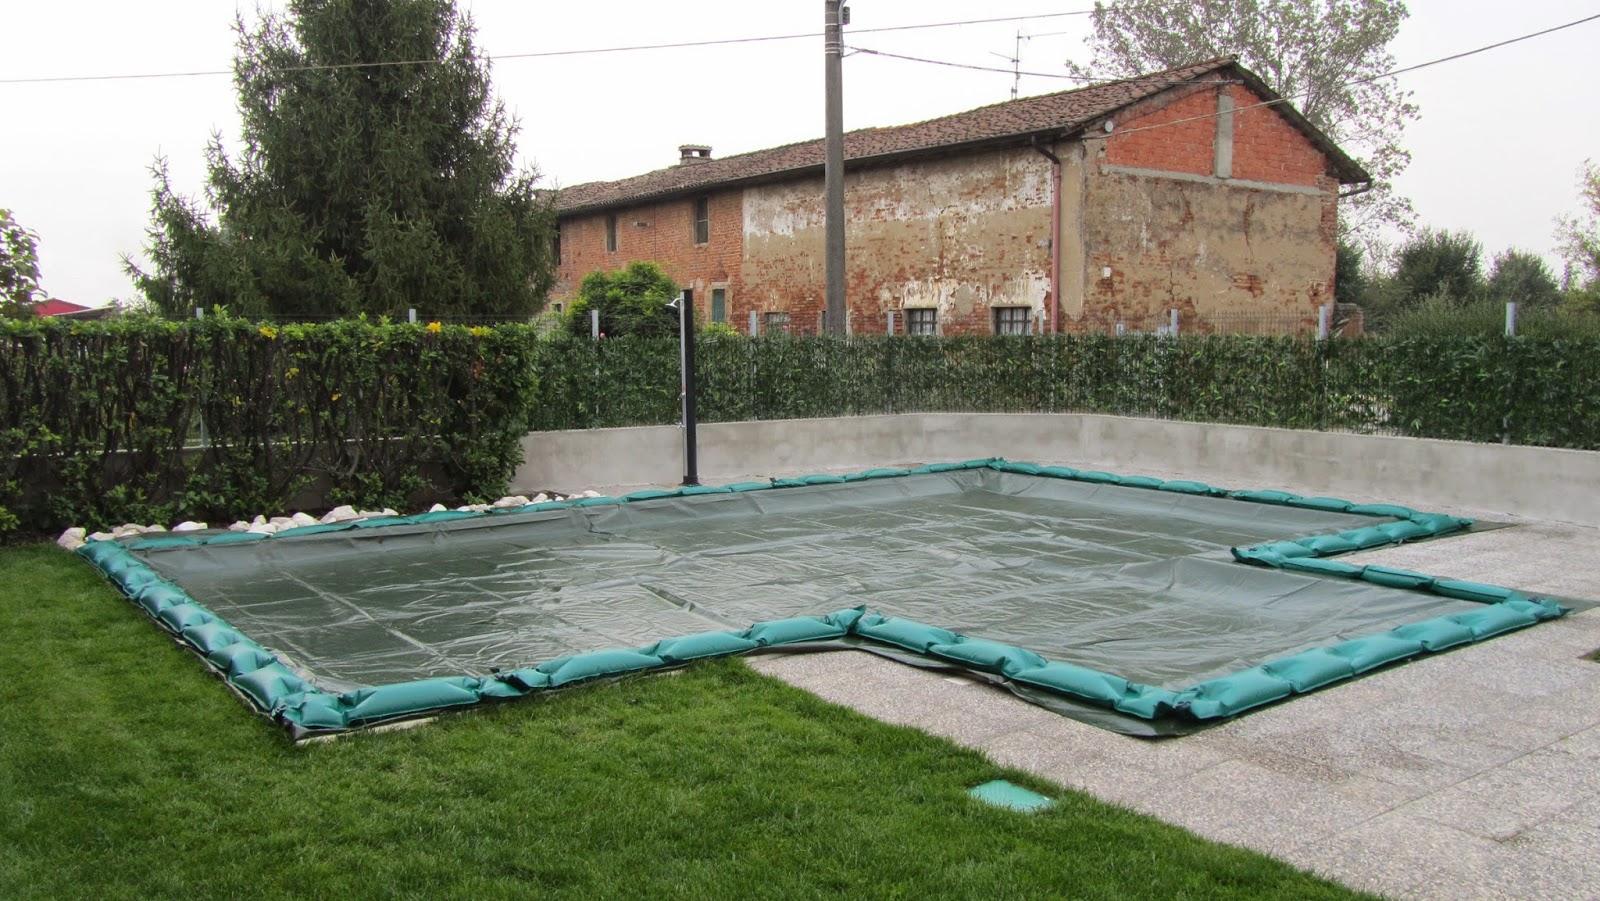 Teli di copertura con zavorre che fanno la differrenza for Teli per piscine interrate